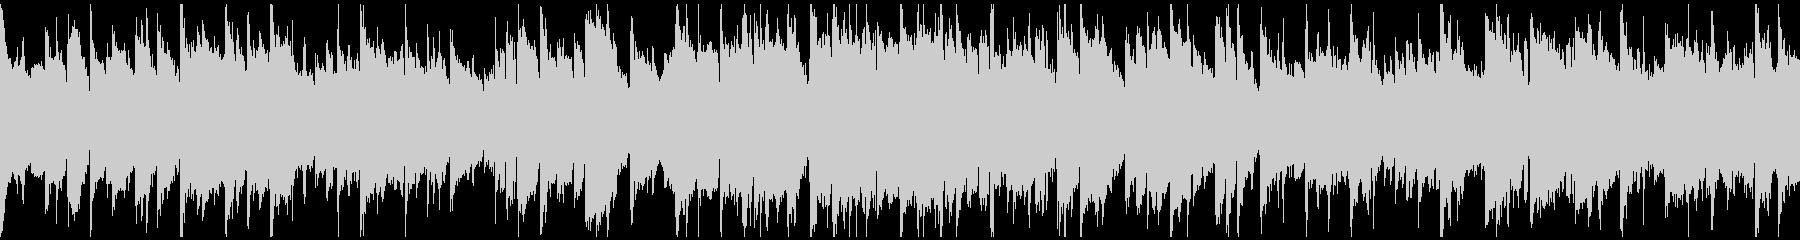 キラキラしたエピローグ的な笛 ※ループ版の未再生の波形